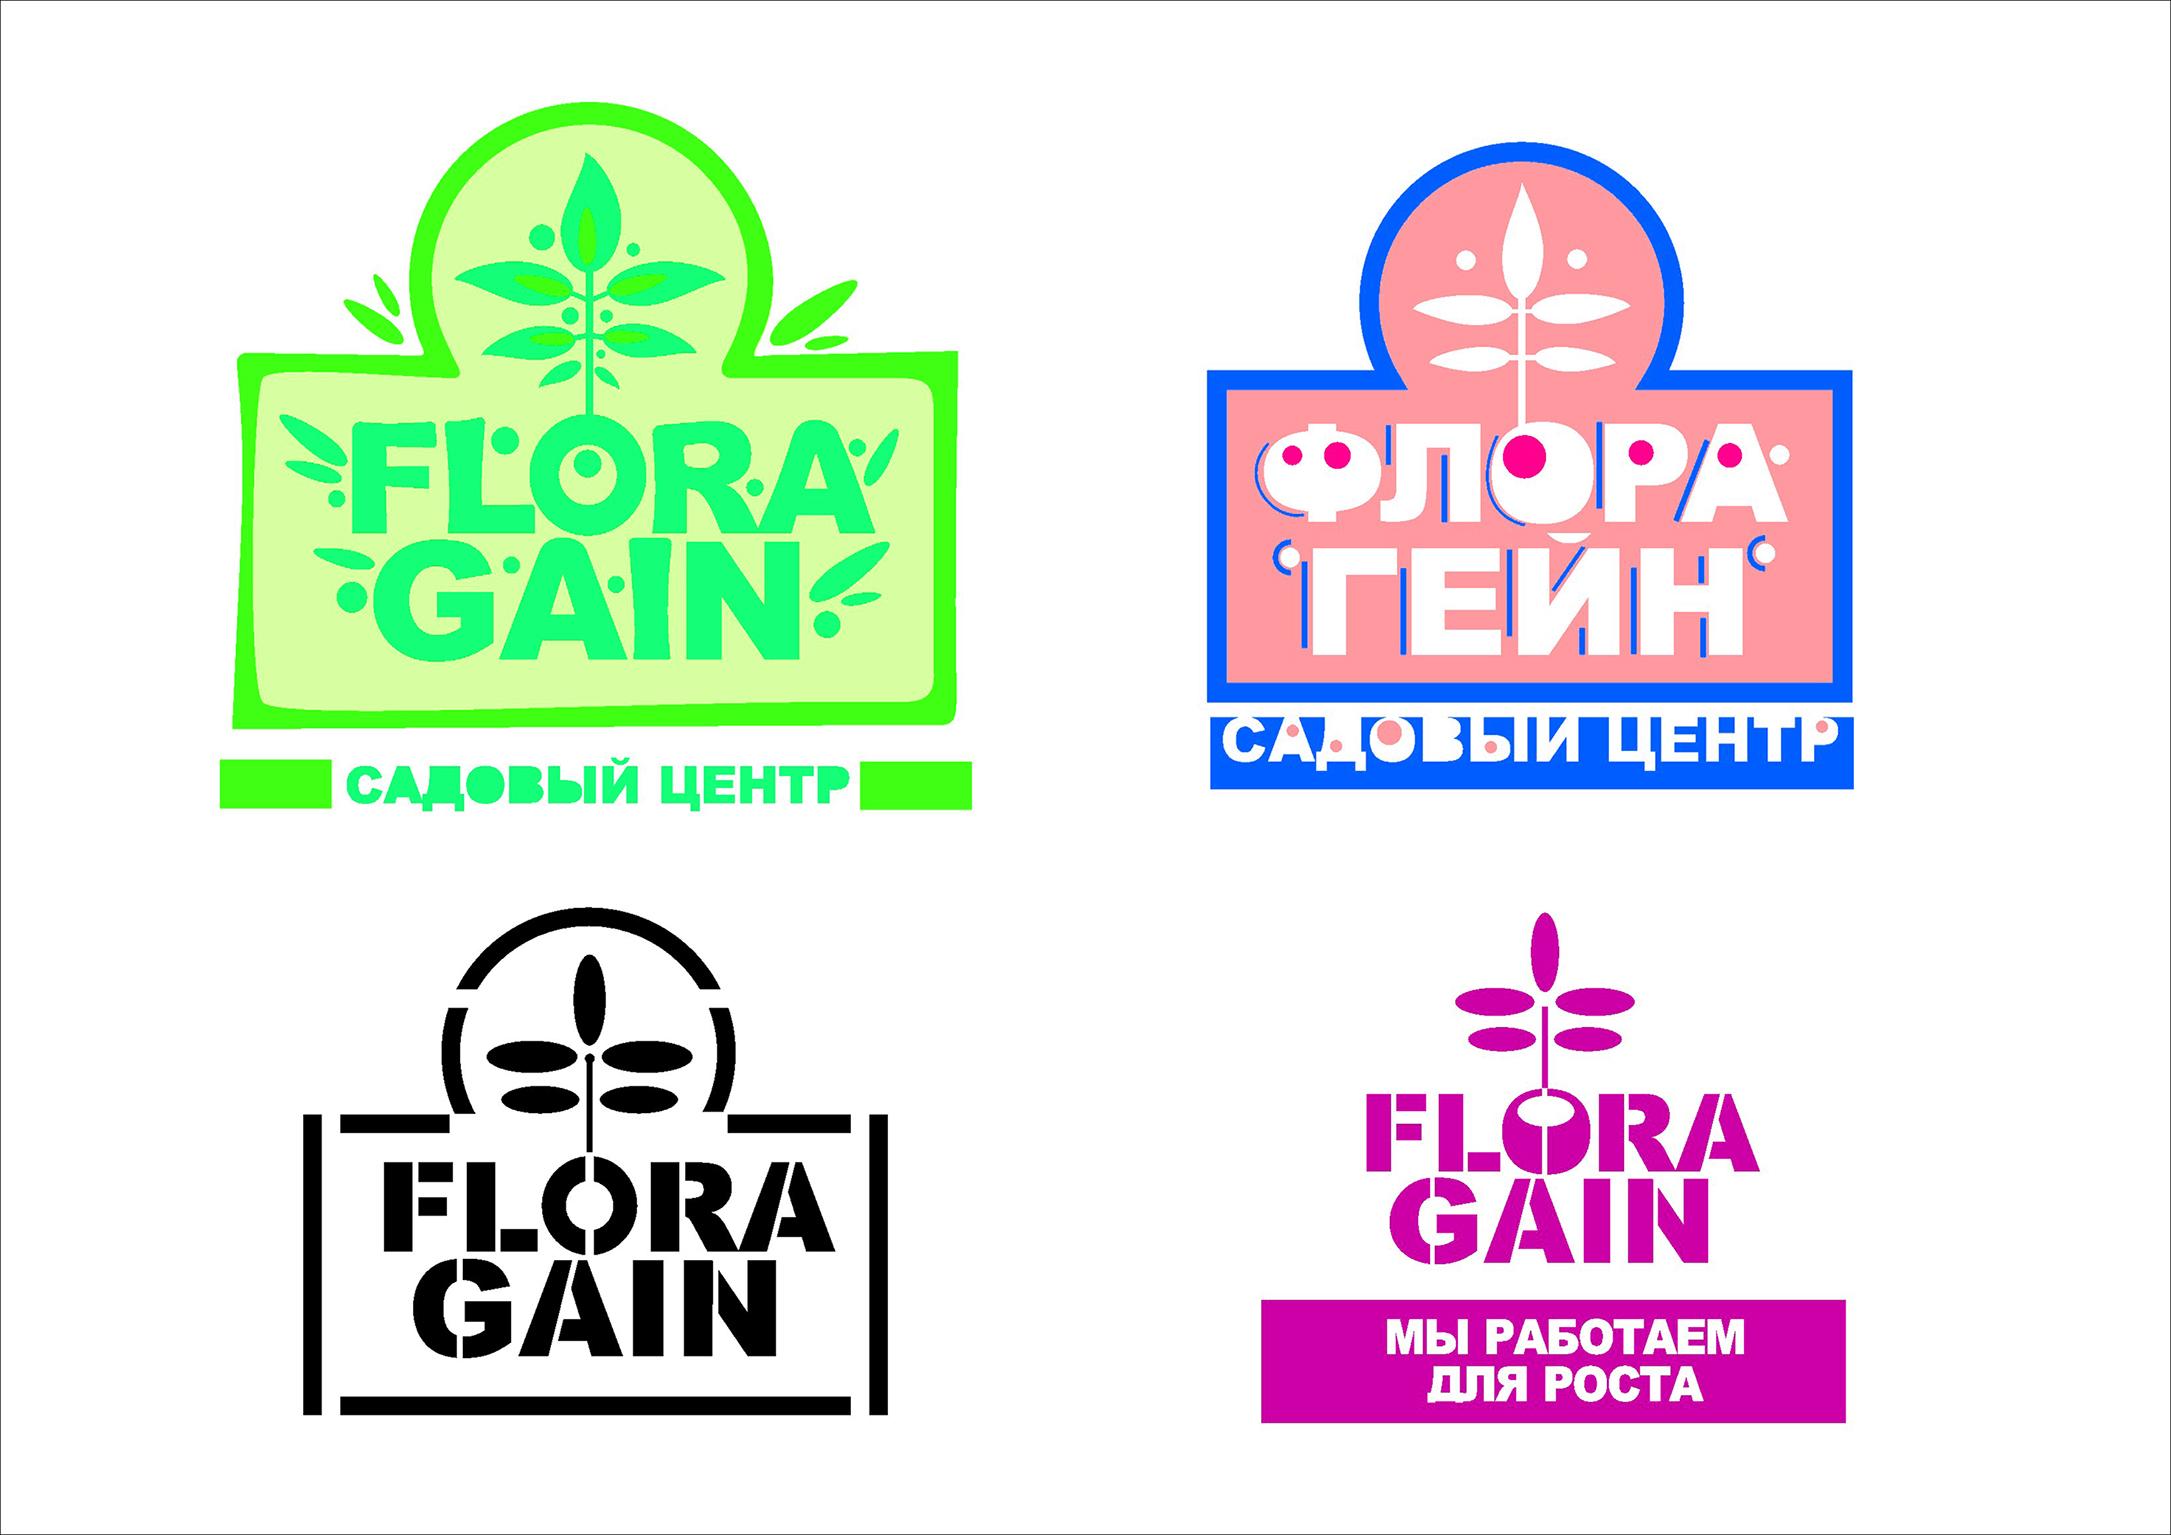 Разработка название садового центра, логотип и слоган фото f_6025a7ec98e44efd.jpg